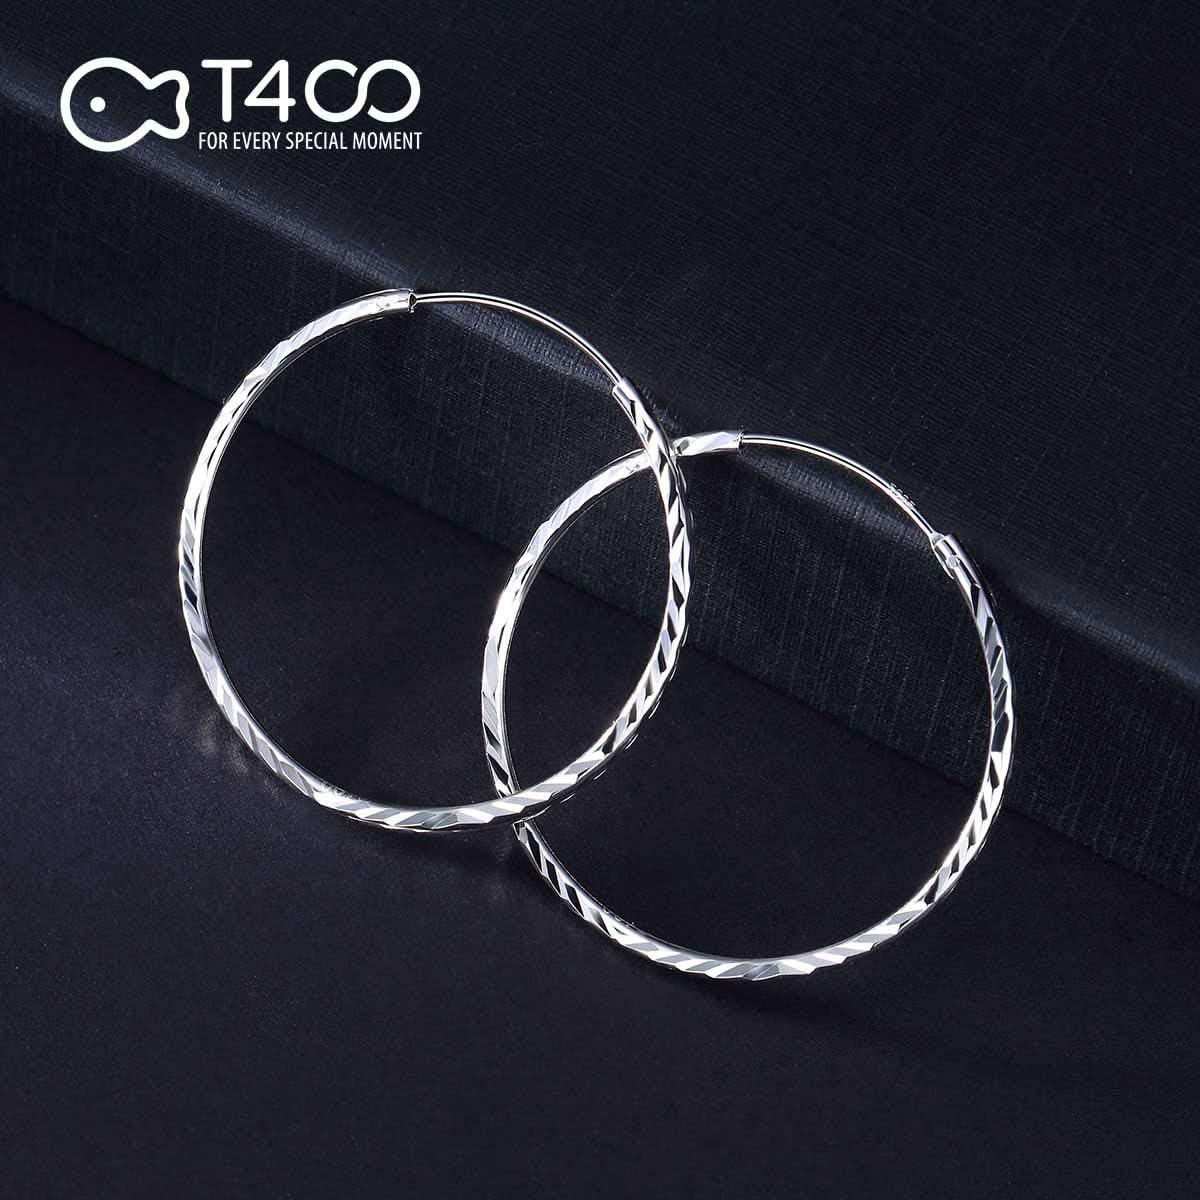 diam/ètre 25-65mm T400 Jewelers Boucles doreilles Cr/éoles en Argent Sterling 925 Bijoux pour Femmes Grand Cerceau Cadeaux pour Femmes Filles